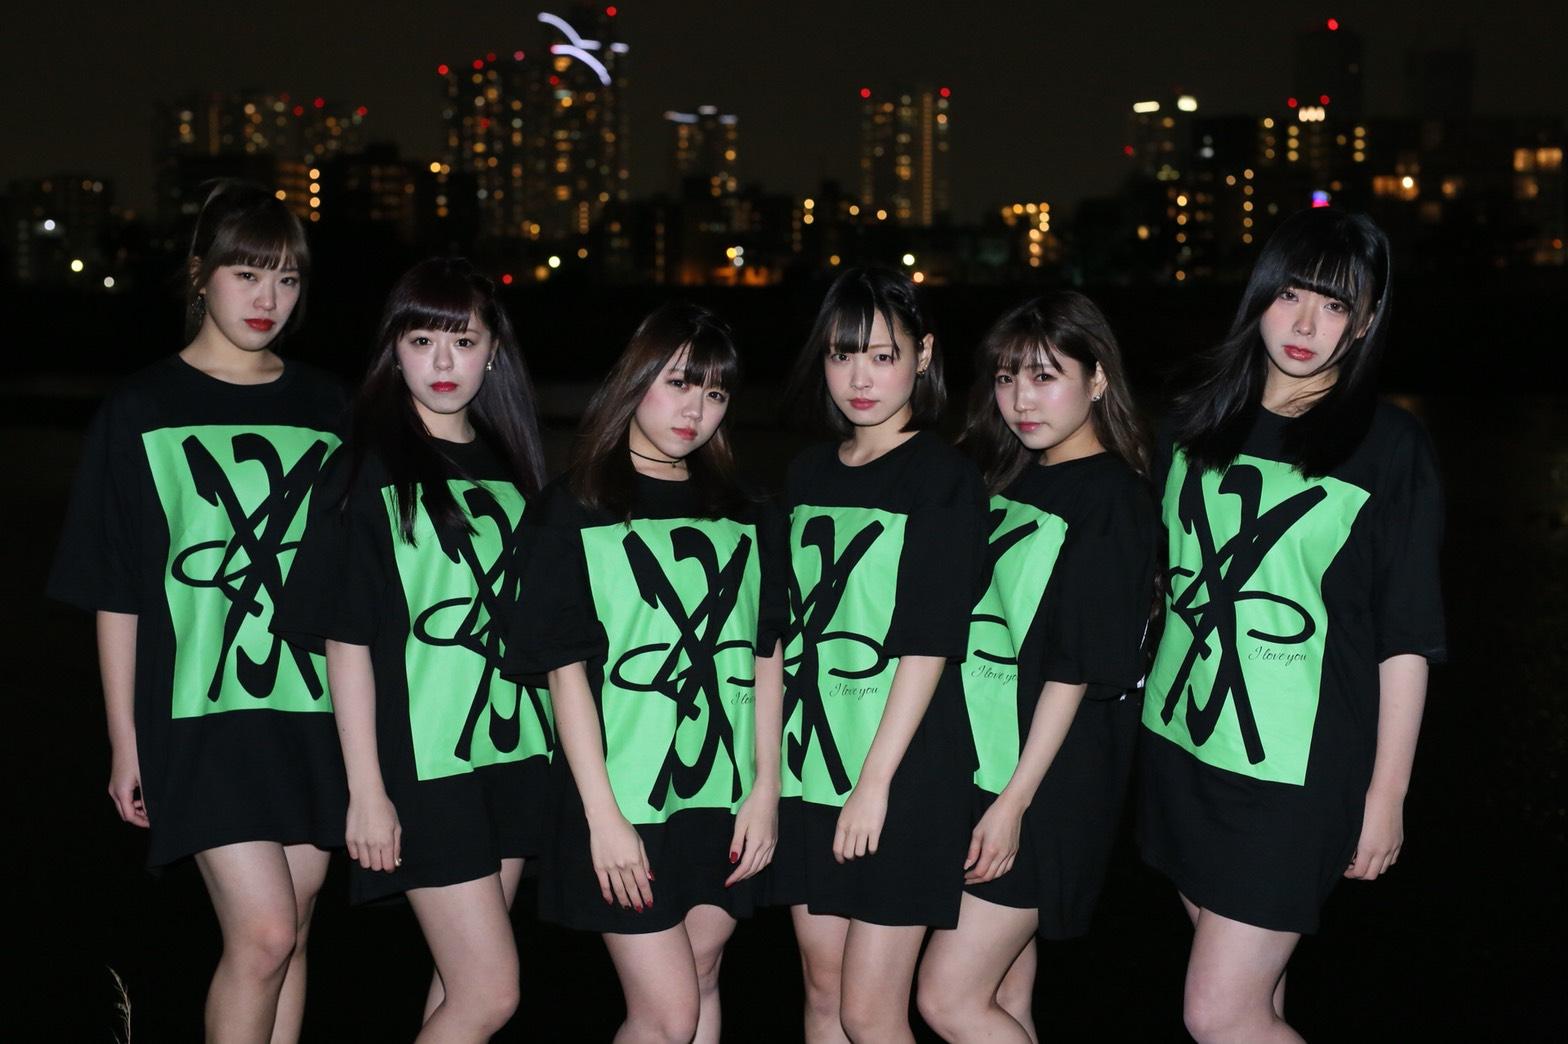 渋谷かよ!vol.27 ~TAKE OFF7 スペシャル~